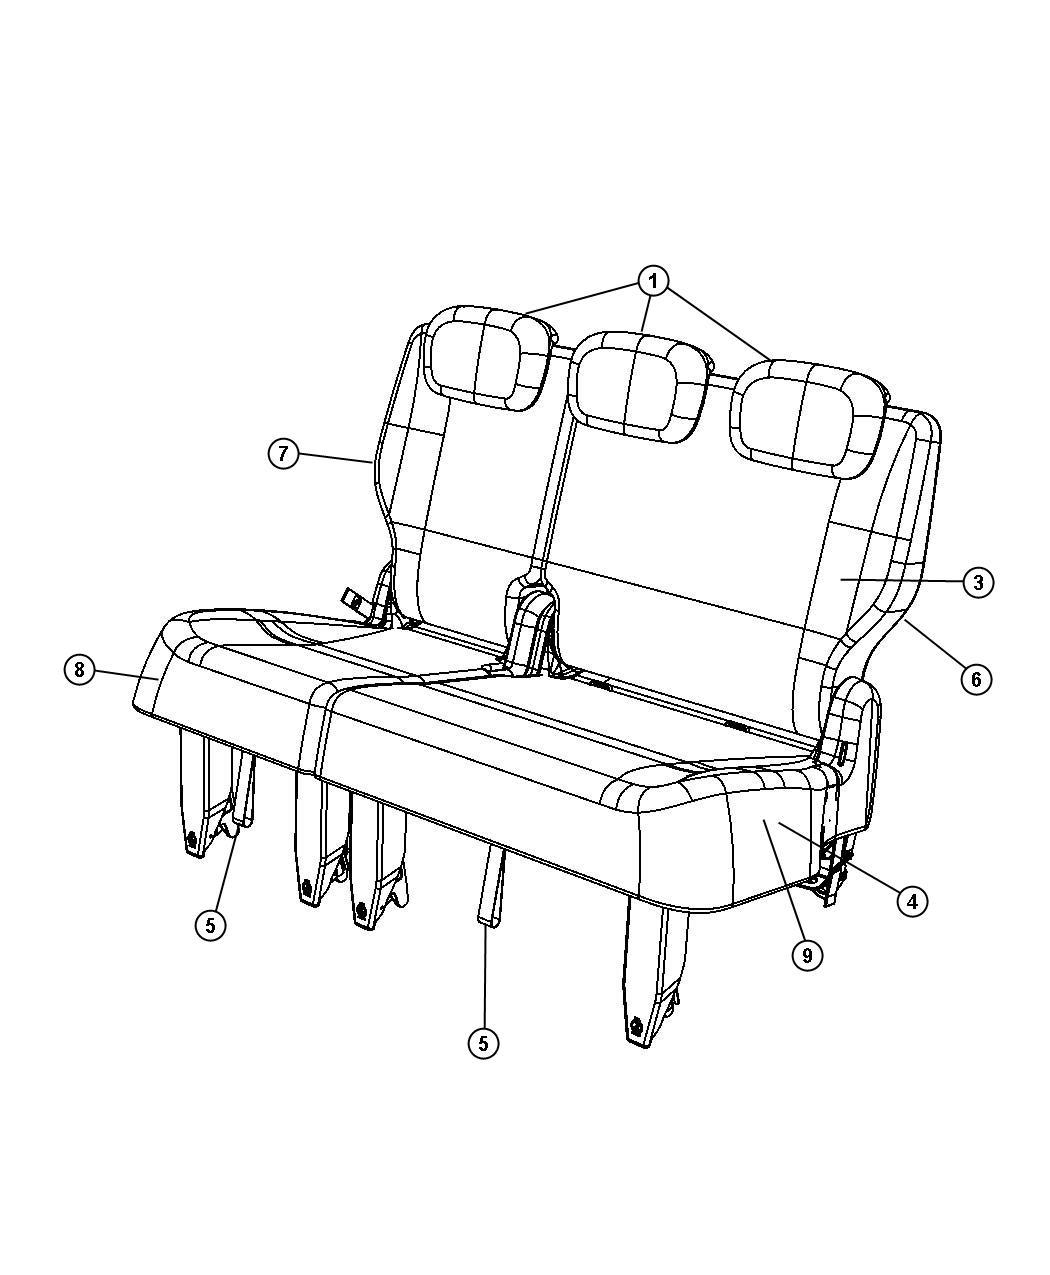 Dodge Grand Caravan Foam Seat Cushion Third Row